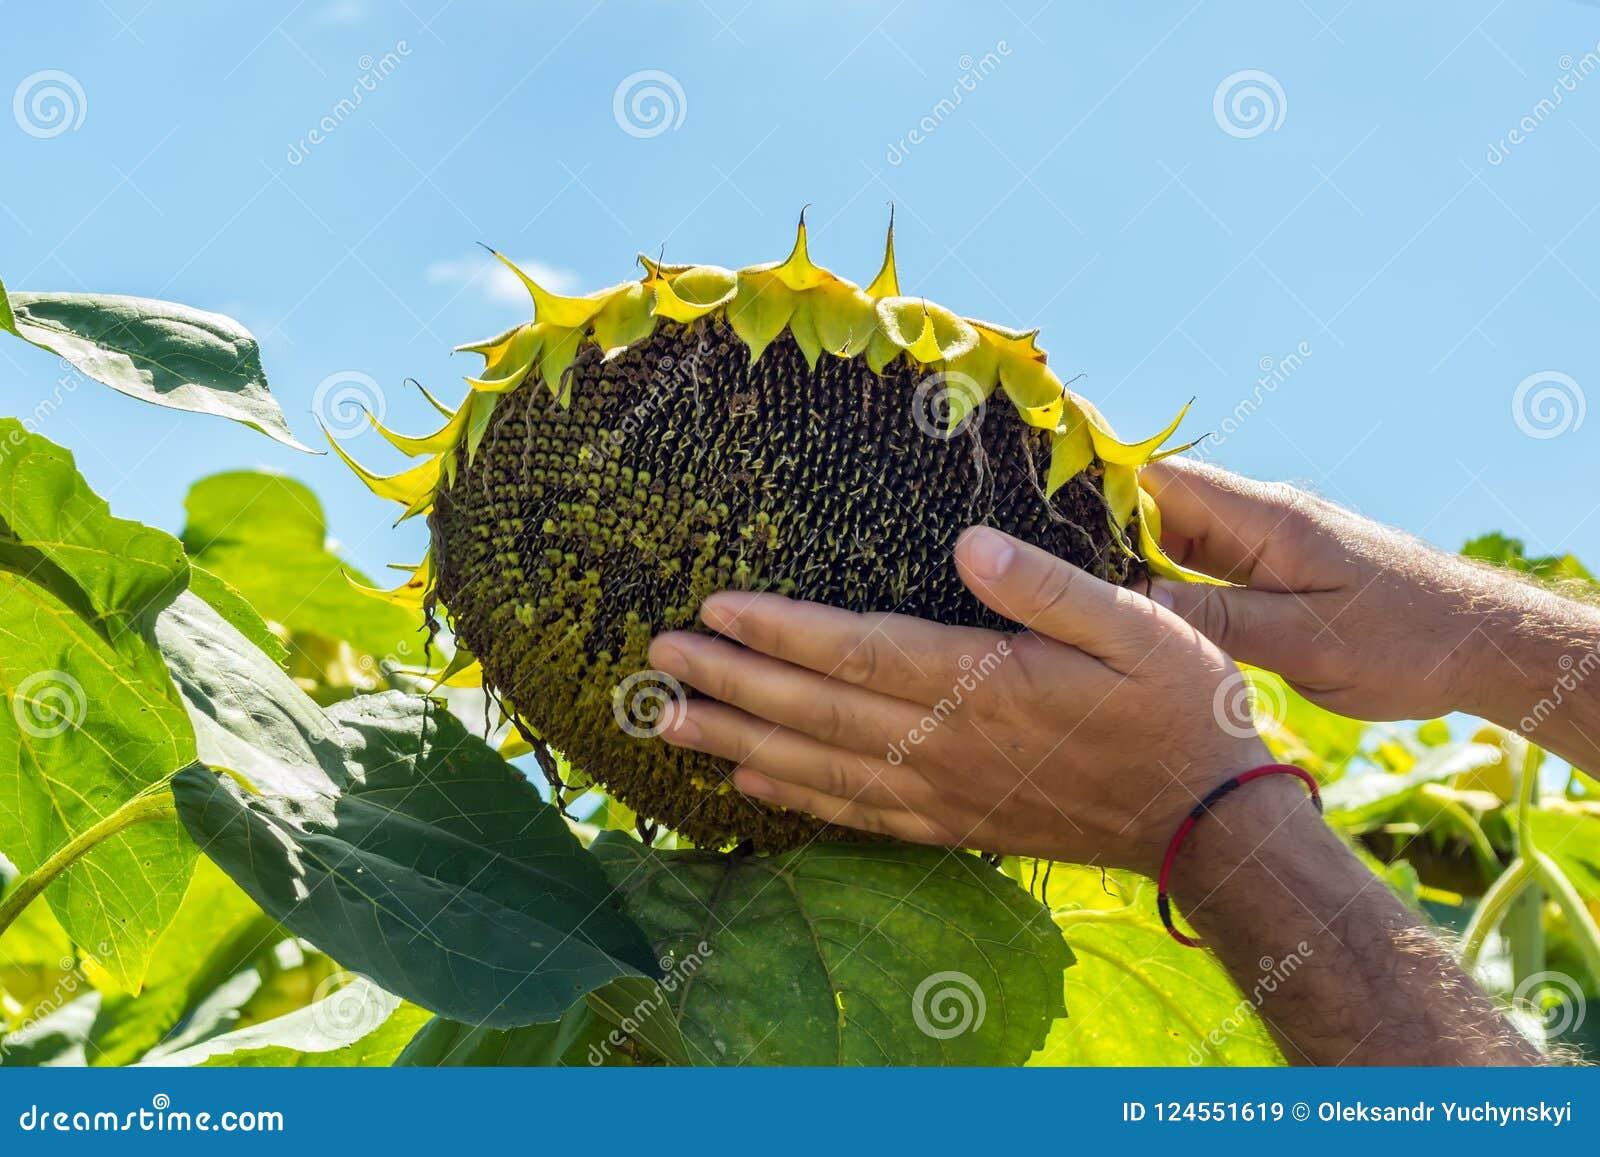 Человек пробует семена подсолнуха в его руке, анализирующ наполненность и качество Концепция удобрения, предохранение от завода